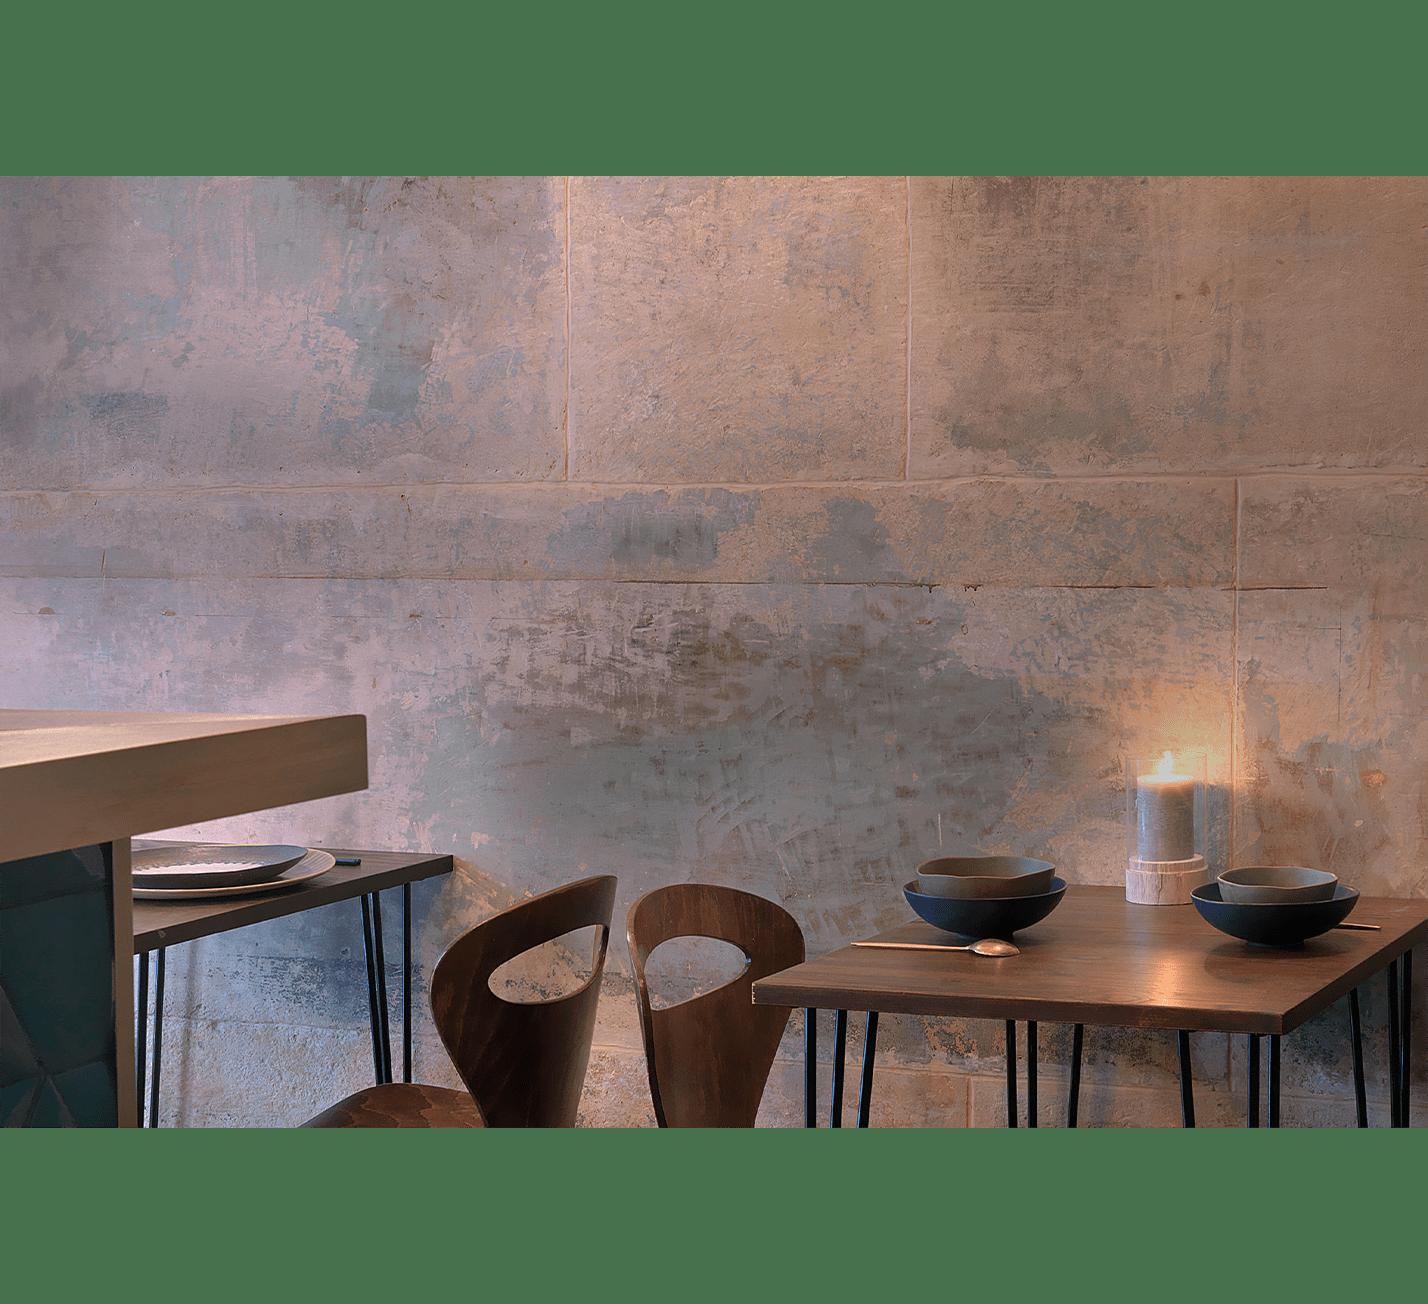 Projet-Natives-Atelier-Steve-Pauline-Borgia-Architecture-interieur-11-min-1